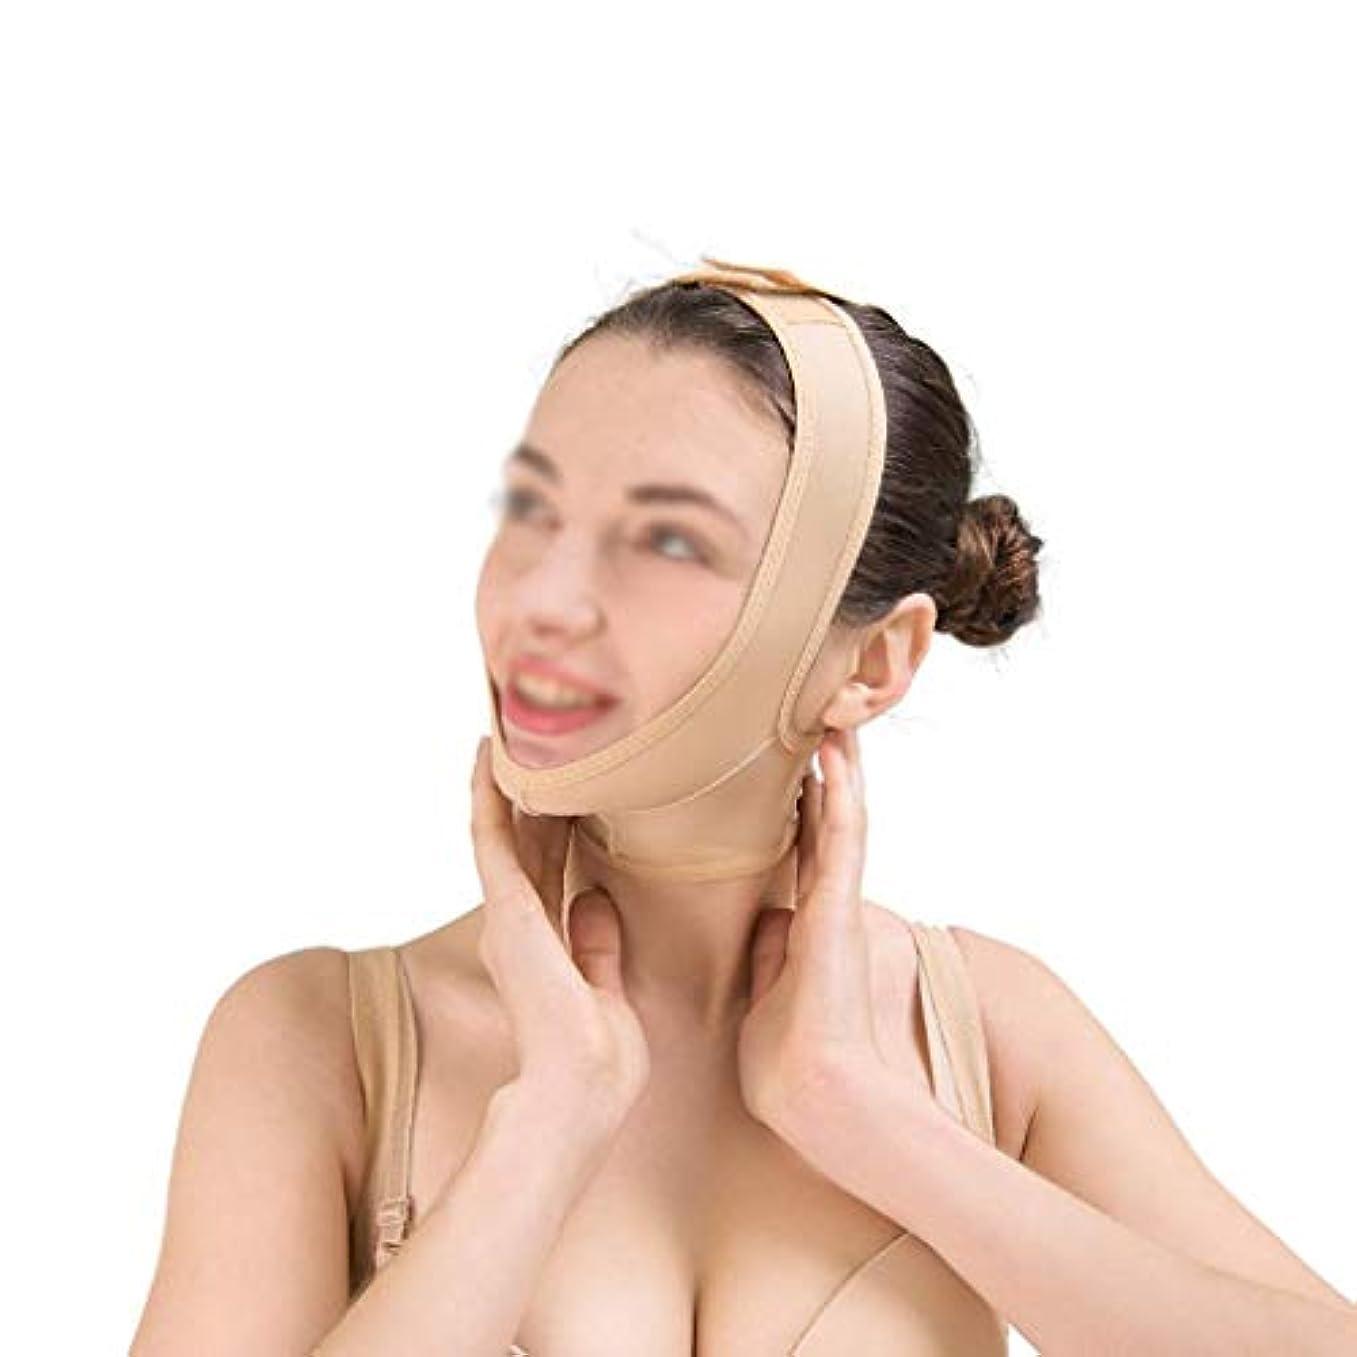 辞任ボイドトラフィックダブルチンストラップ、包帯の持ち上げ、肌の包帯の持ち上げと引き締め フェイスマスク、快適で 顔の持ち上がるマスク(サイズ:S),S